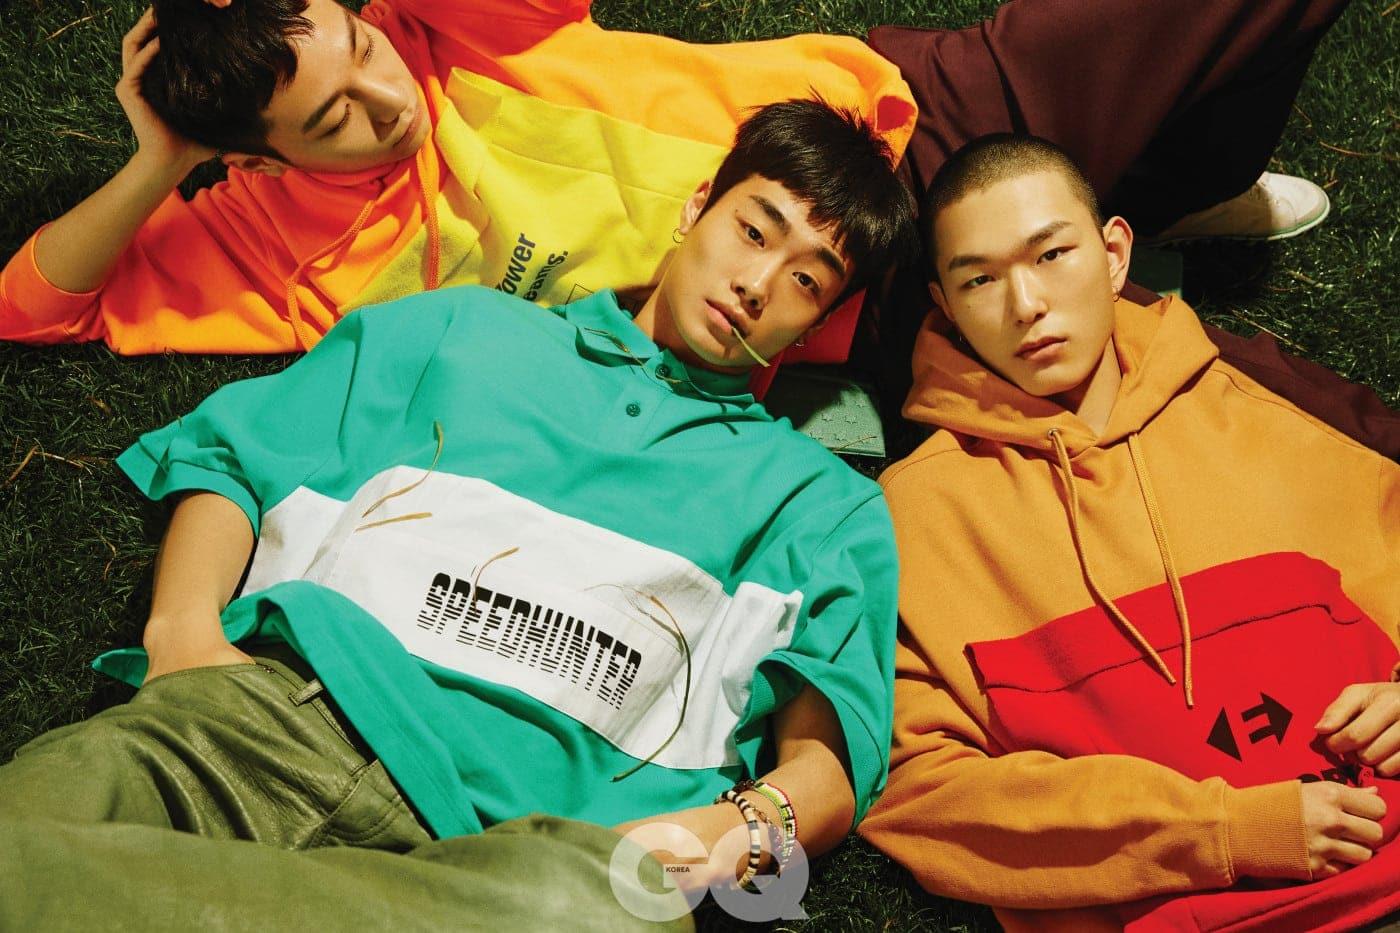 노란색 패치 후드 티셔츠, 자주색 팬츠, 스니커즈 가격 미정, 모두 발렌시아가.  오버사이즈 피케 셔츠, 가죽 팬츠, 팔찌 가격 미정, 모두 발렌시아가.  빨간색 패치 후드 티셔츠 가격 미정, 발렌시아가.